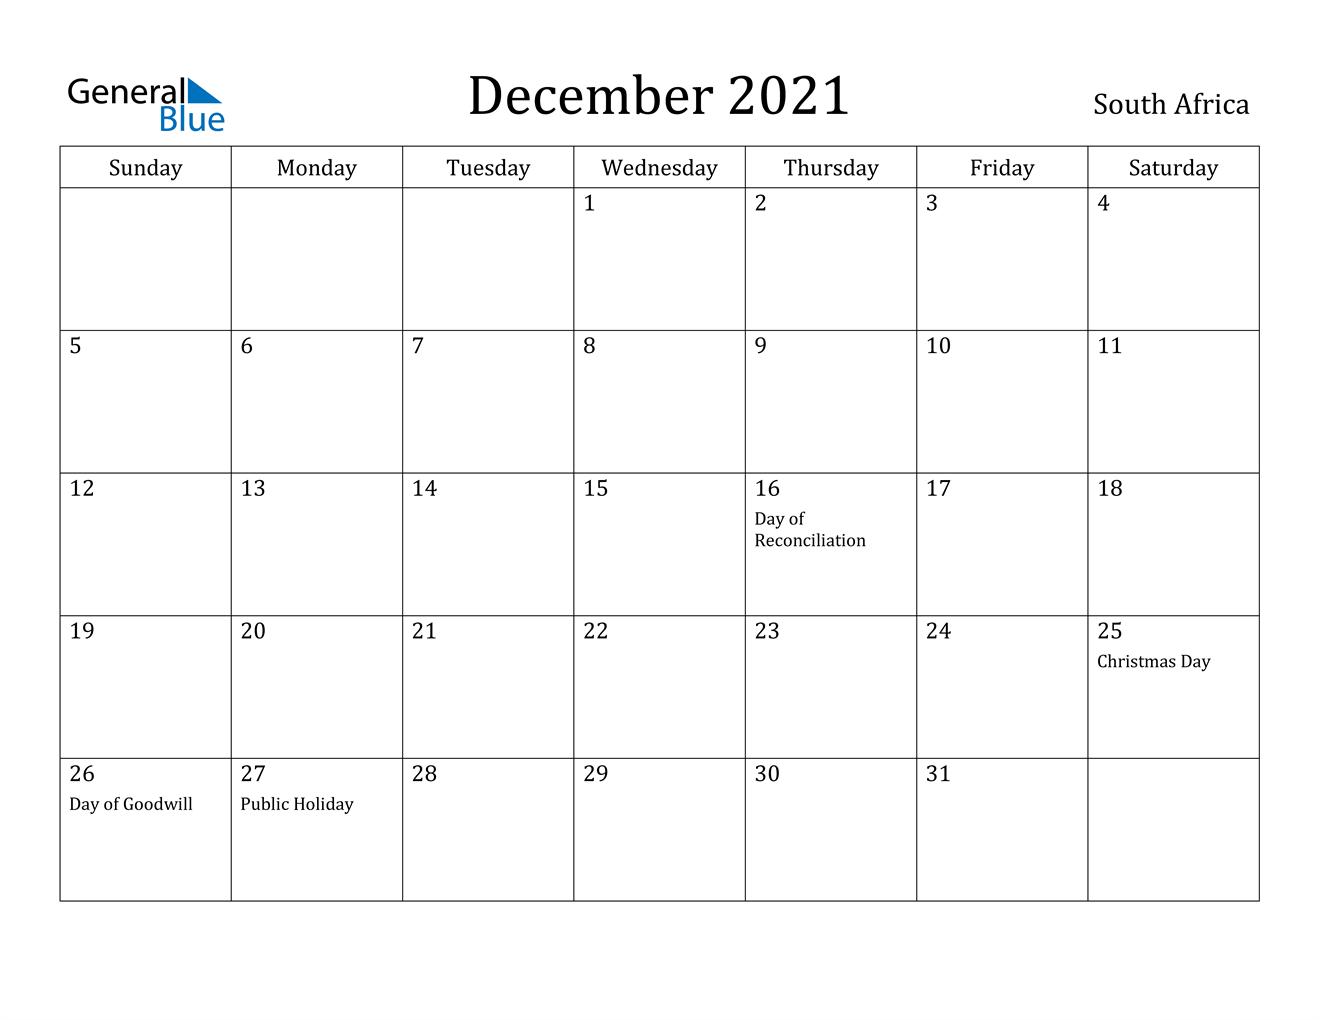 December 2021 Calendar - South Africa